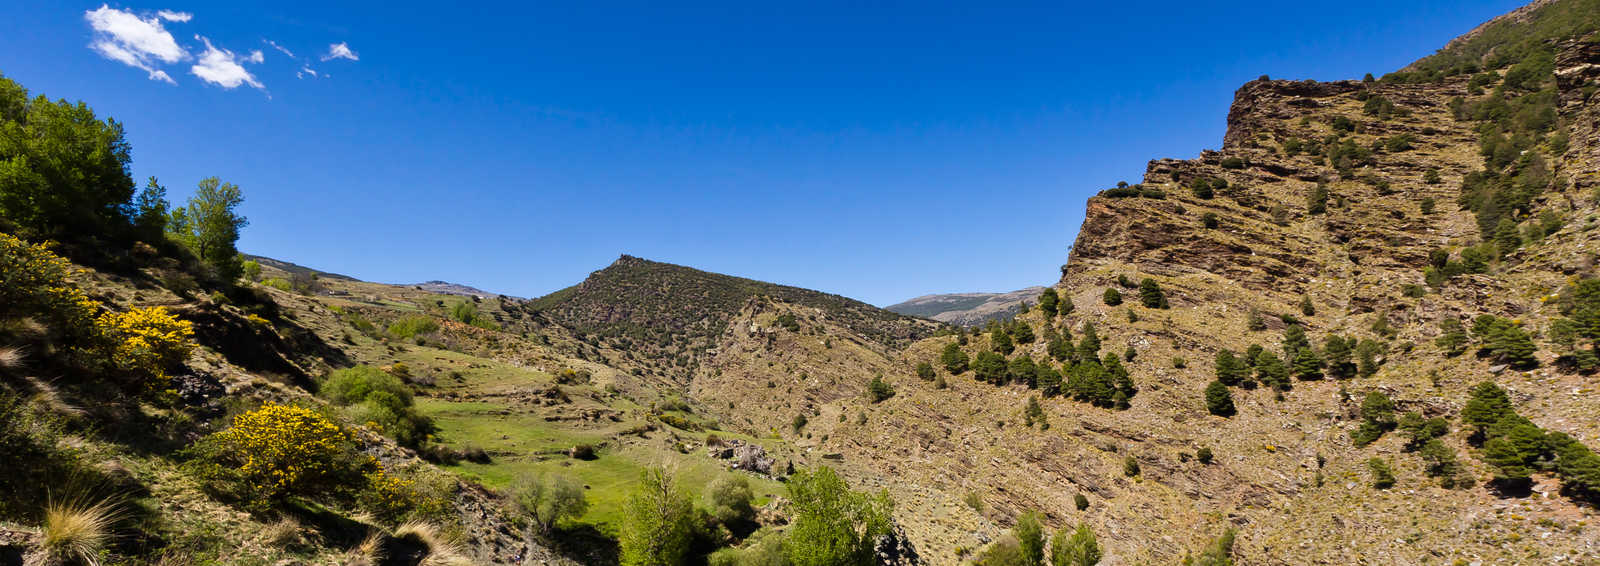 Sierra Nevada, Spain